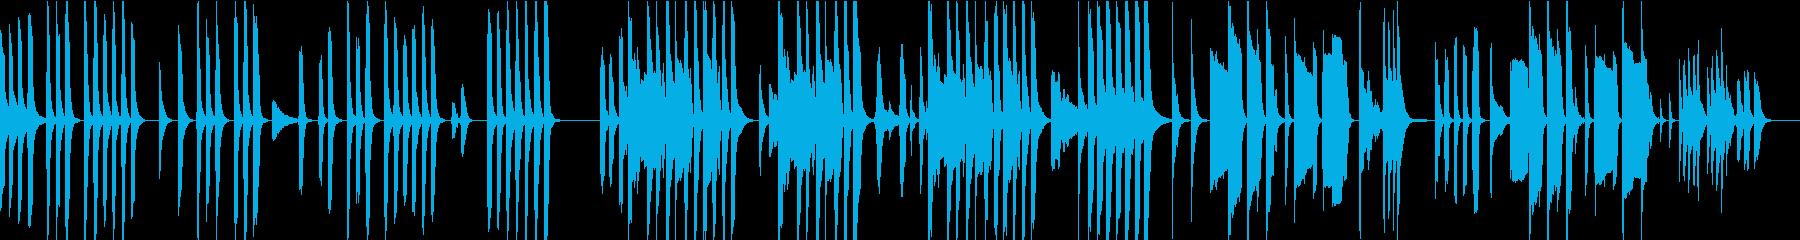 【ループ仕様】素朴でほのぼのとコミカルの再生済みの波形